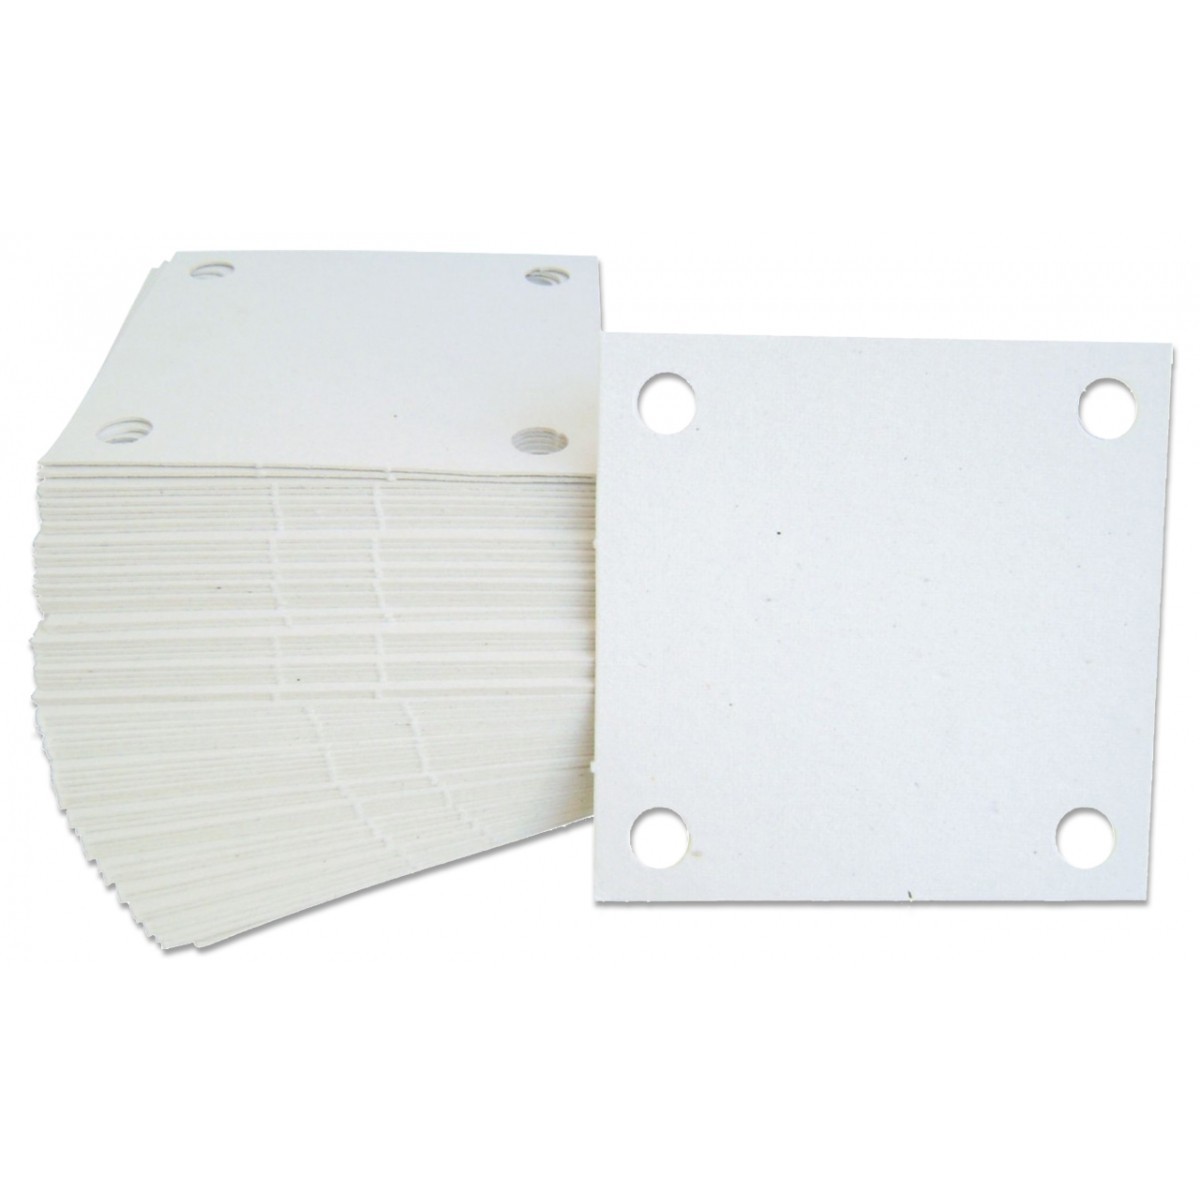 Papel Filtrante Quadrado 7x7 com 4 Furos (10KG)